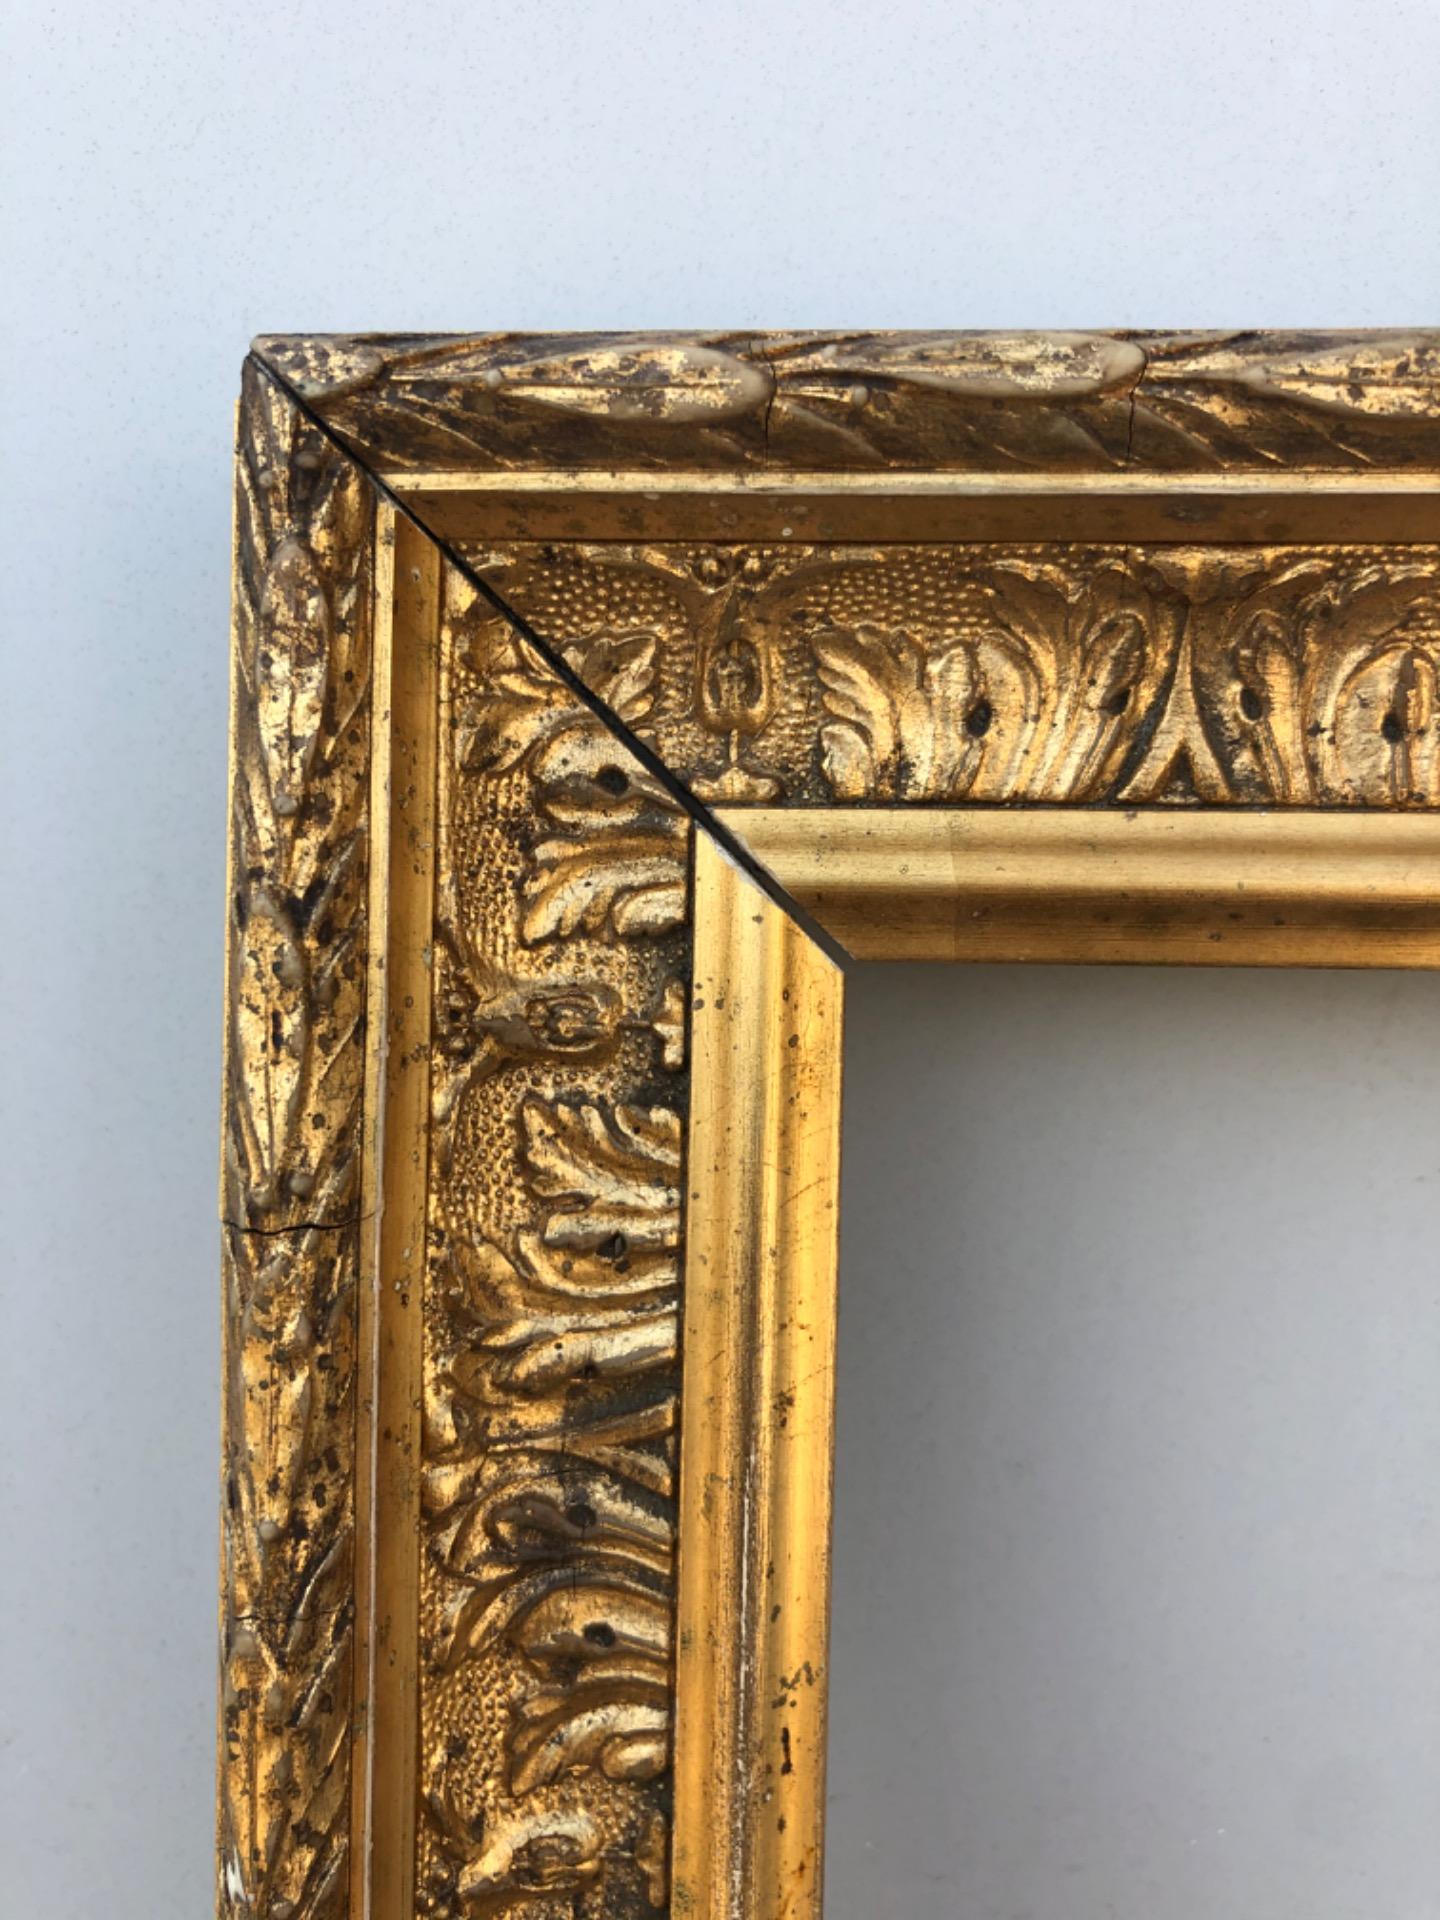 thumb2|Cornice in legno intagliato e dorato con motivi vegetali stilizzati.